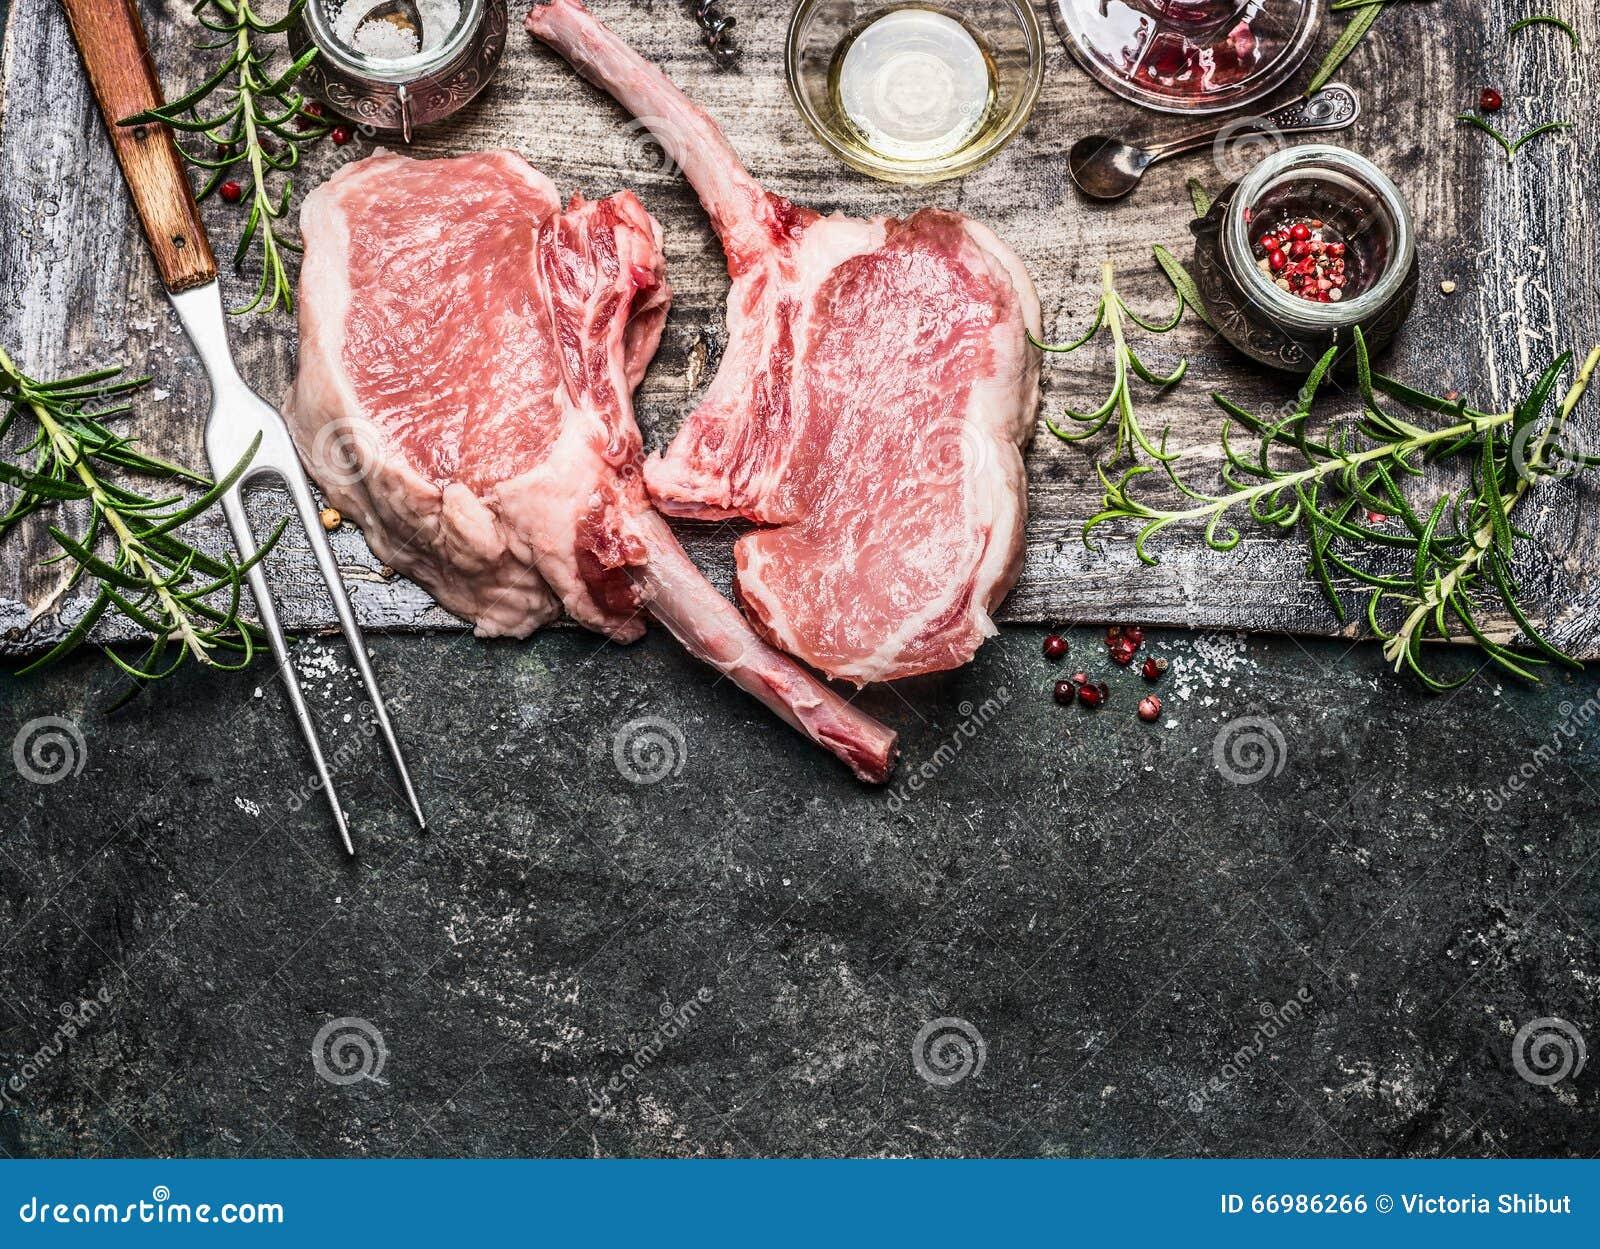 Rå fläskkotlettbiffar med köttgaffeln, olja och kryddor för galler eller matlagning på lantlig metallbakgrund, bästa sikt,